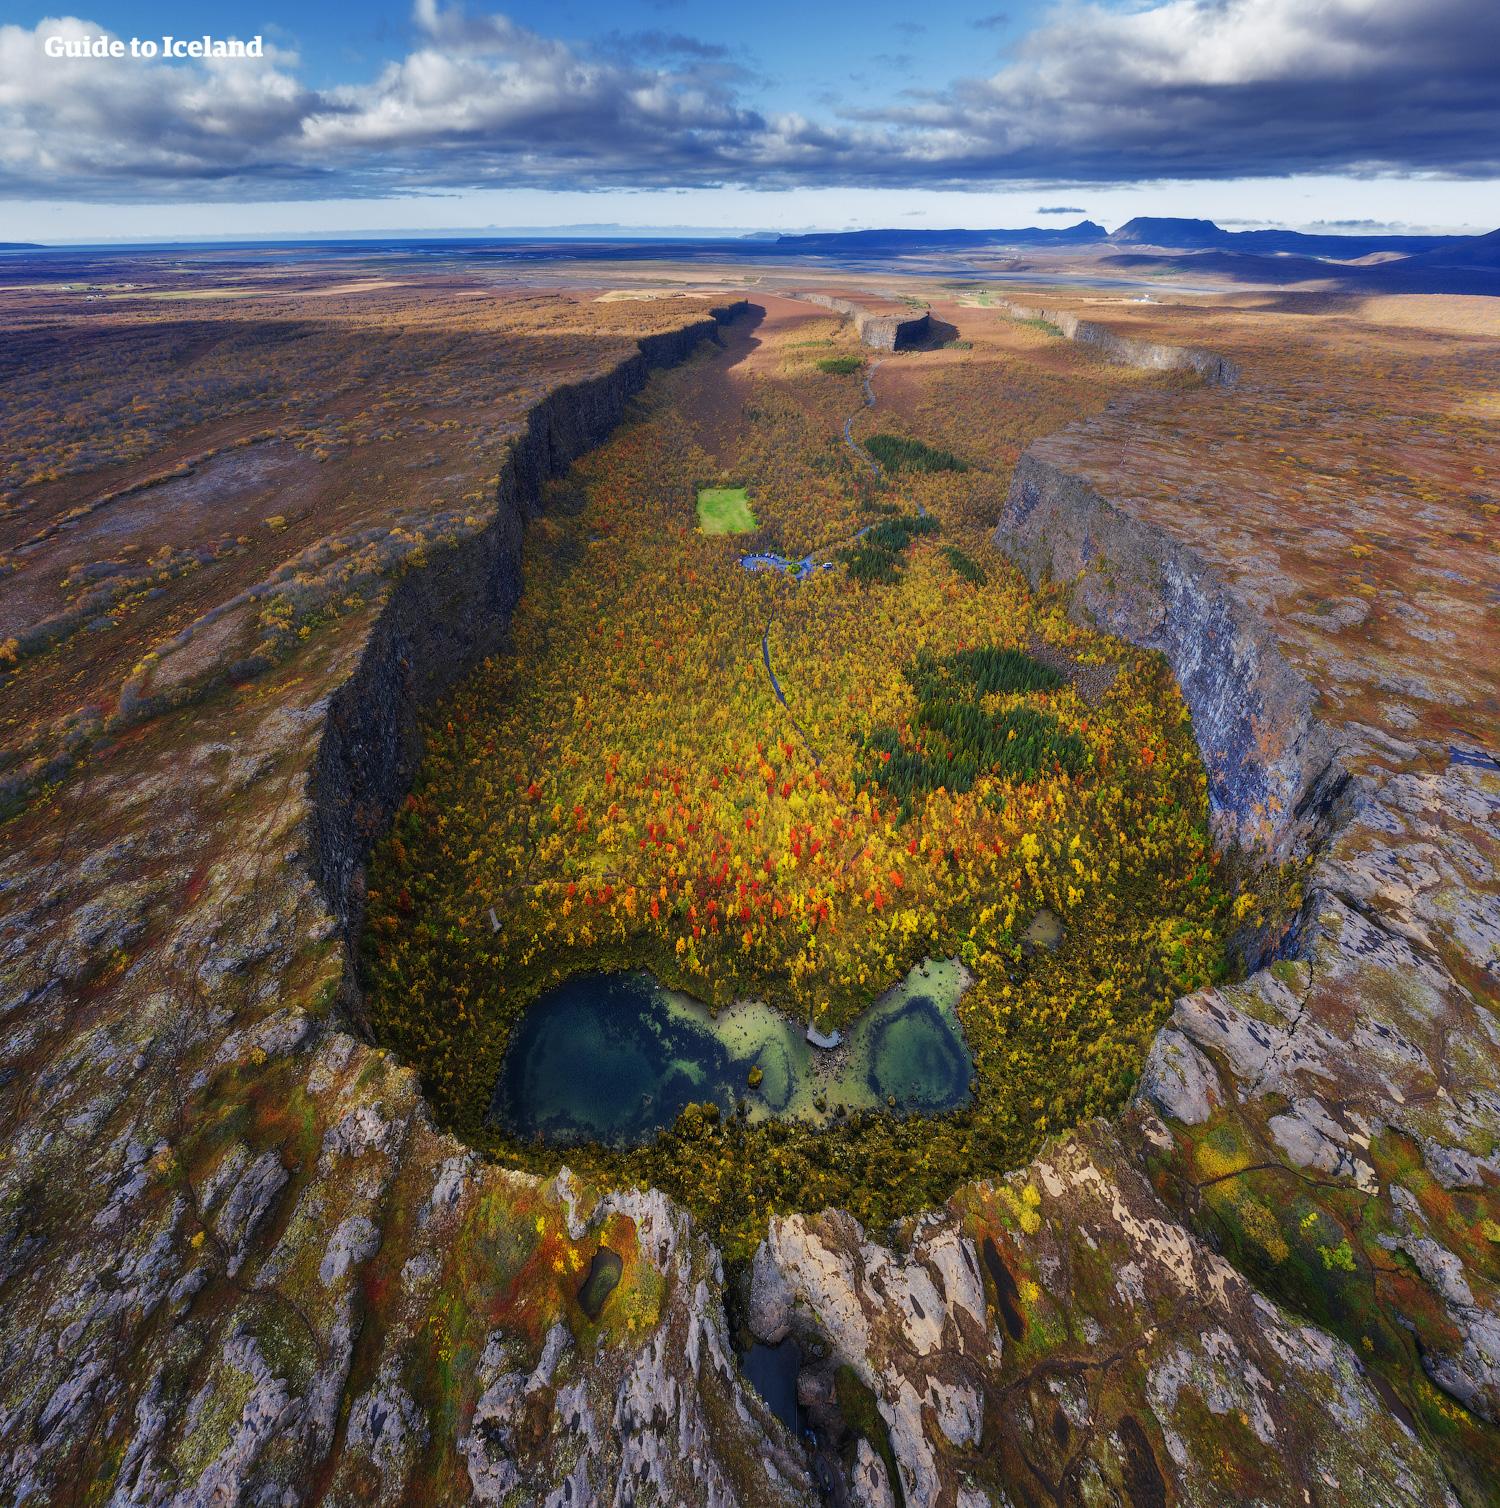 10 dni, samodzielna podróż   Dookoła Islandii zgodnie z ruchem wskazówek zegara - day 5